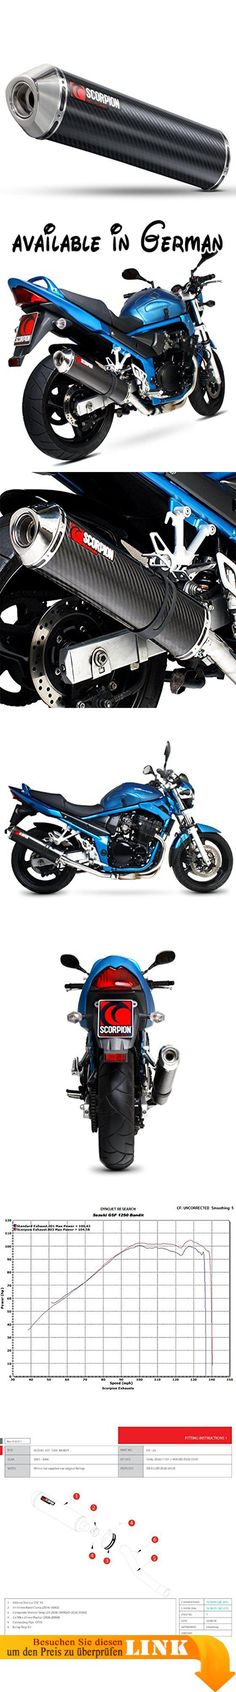 B074WFB688 : Scorpion esi80ceo Motorrad Auspuff. Lebenslange Garantie. Fit & Ride. Crash Schäden garantieren